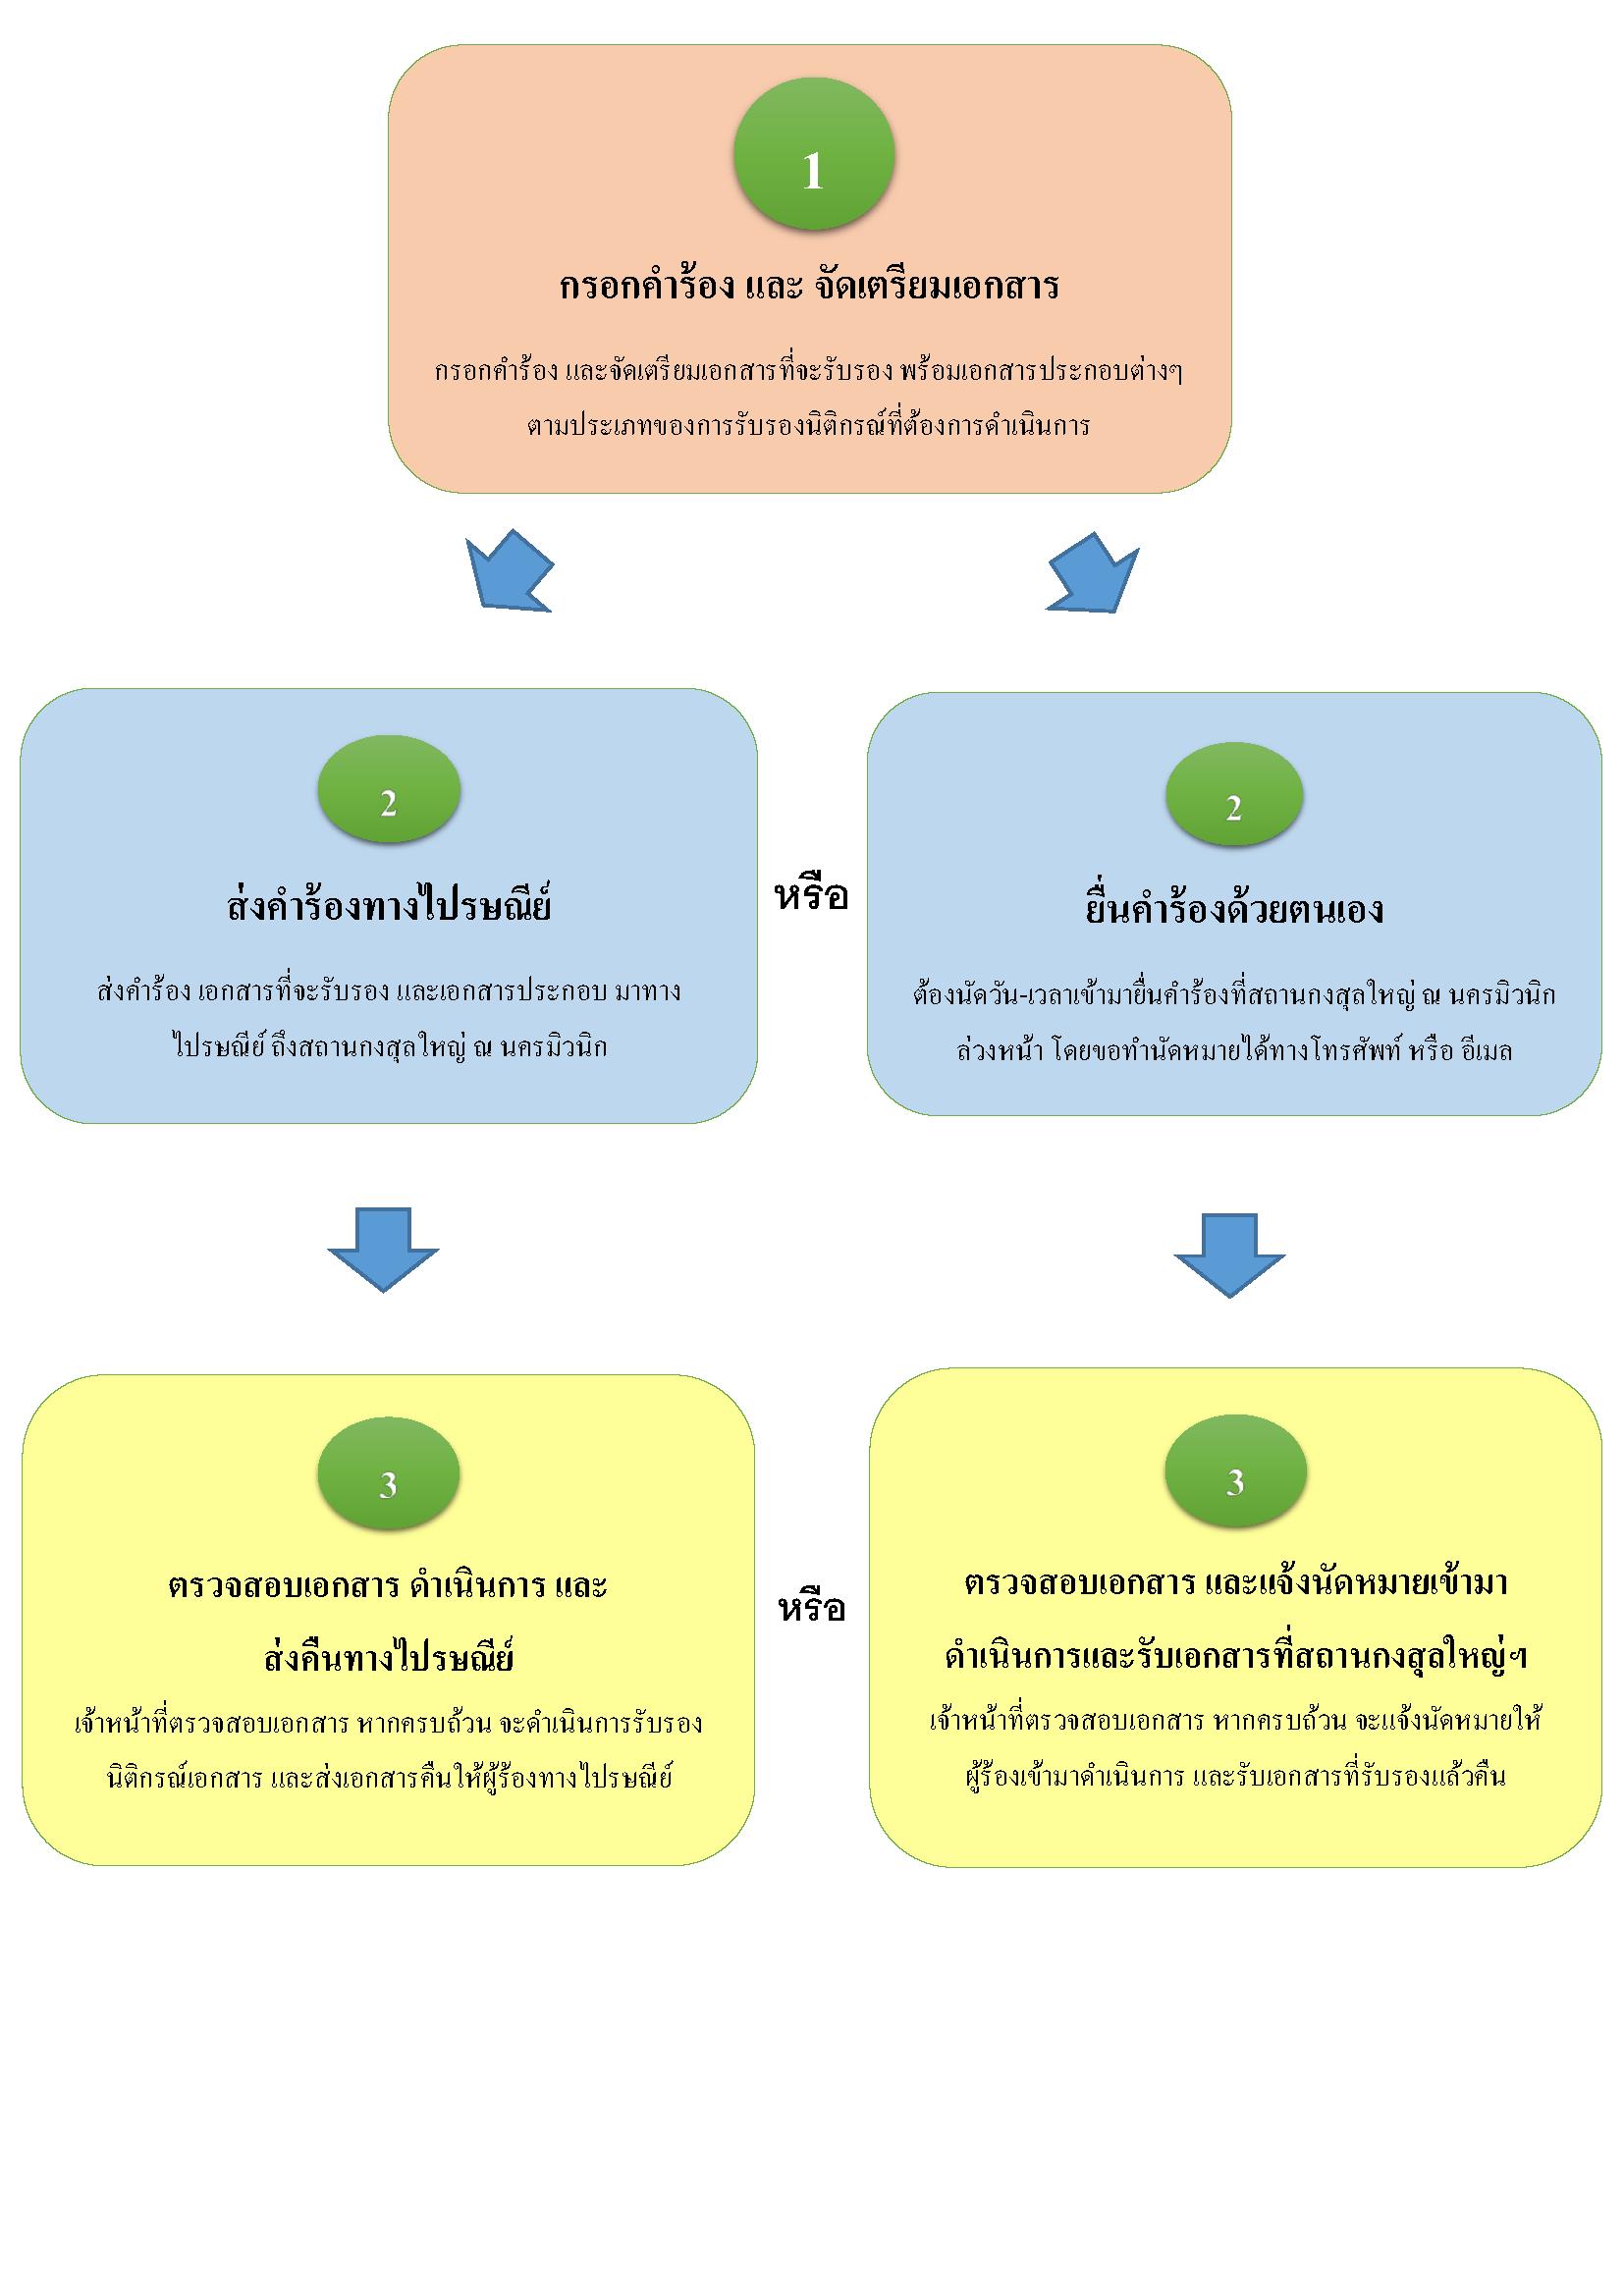 ขั้นตอนการดำเนินการ_(Flow_Chart)